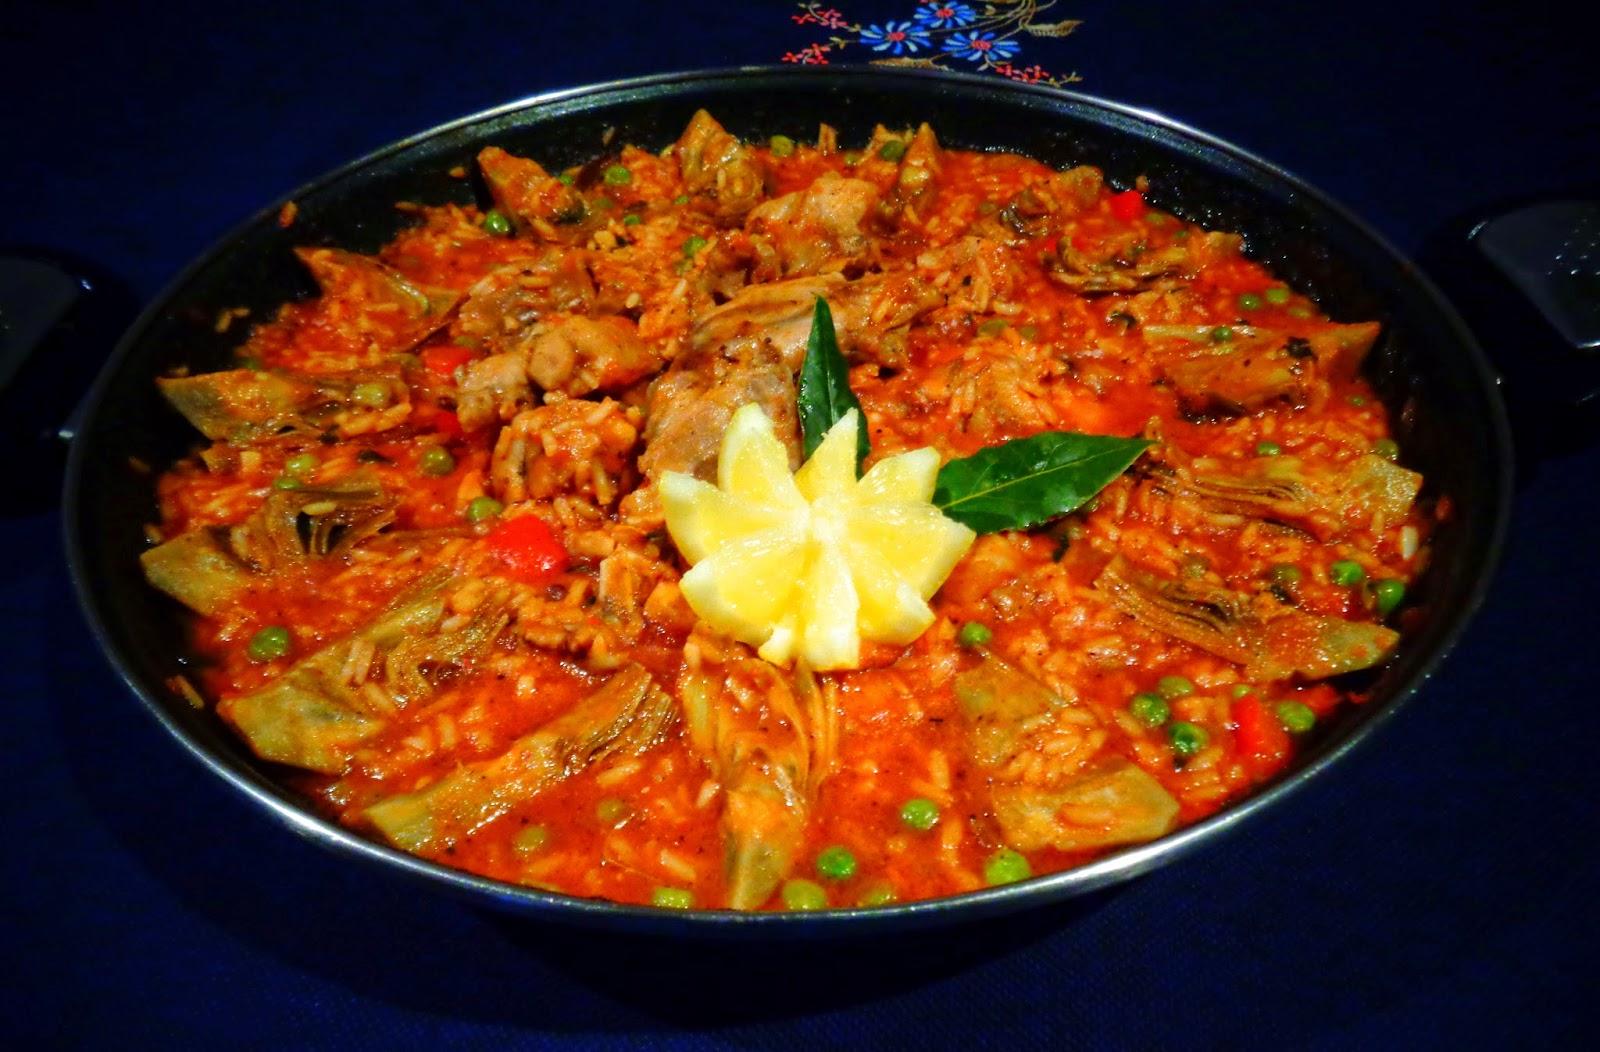 Recetas de mi madre y mias arroz caldoso con conejo y - Arroz caldoso con costillas y alcachofas ...